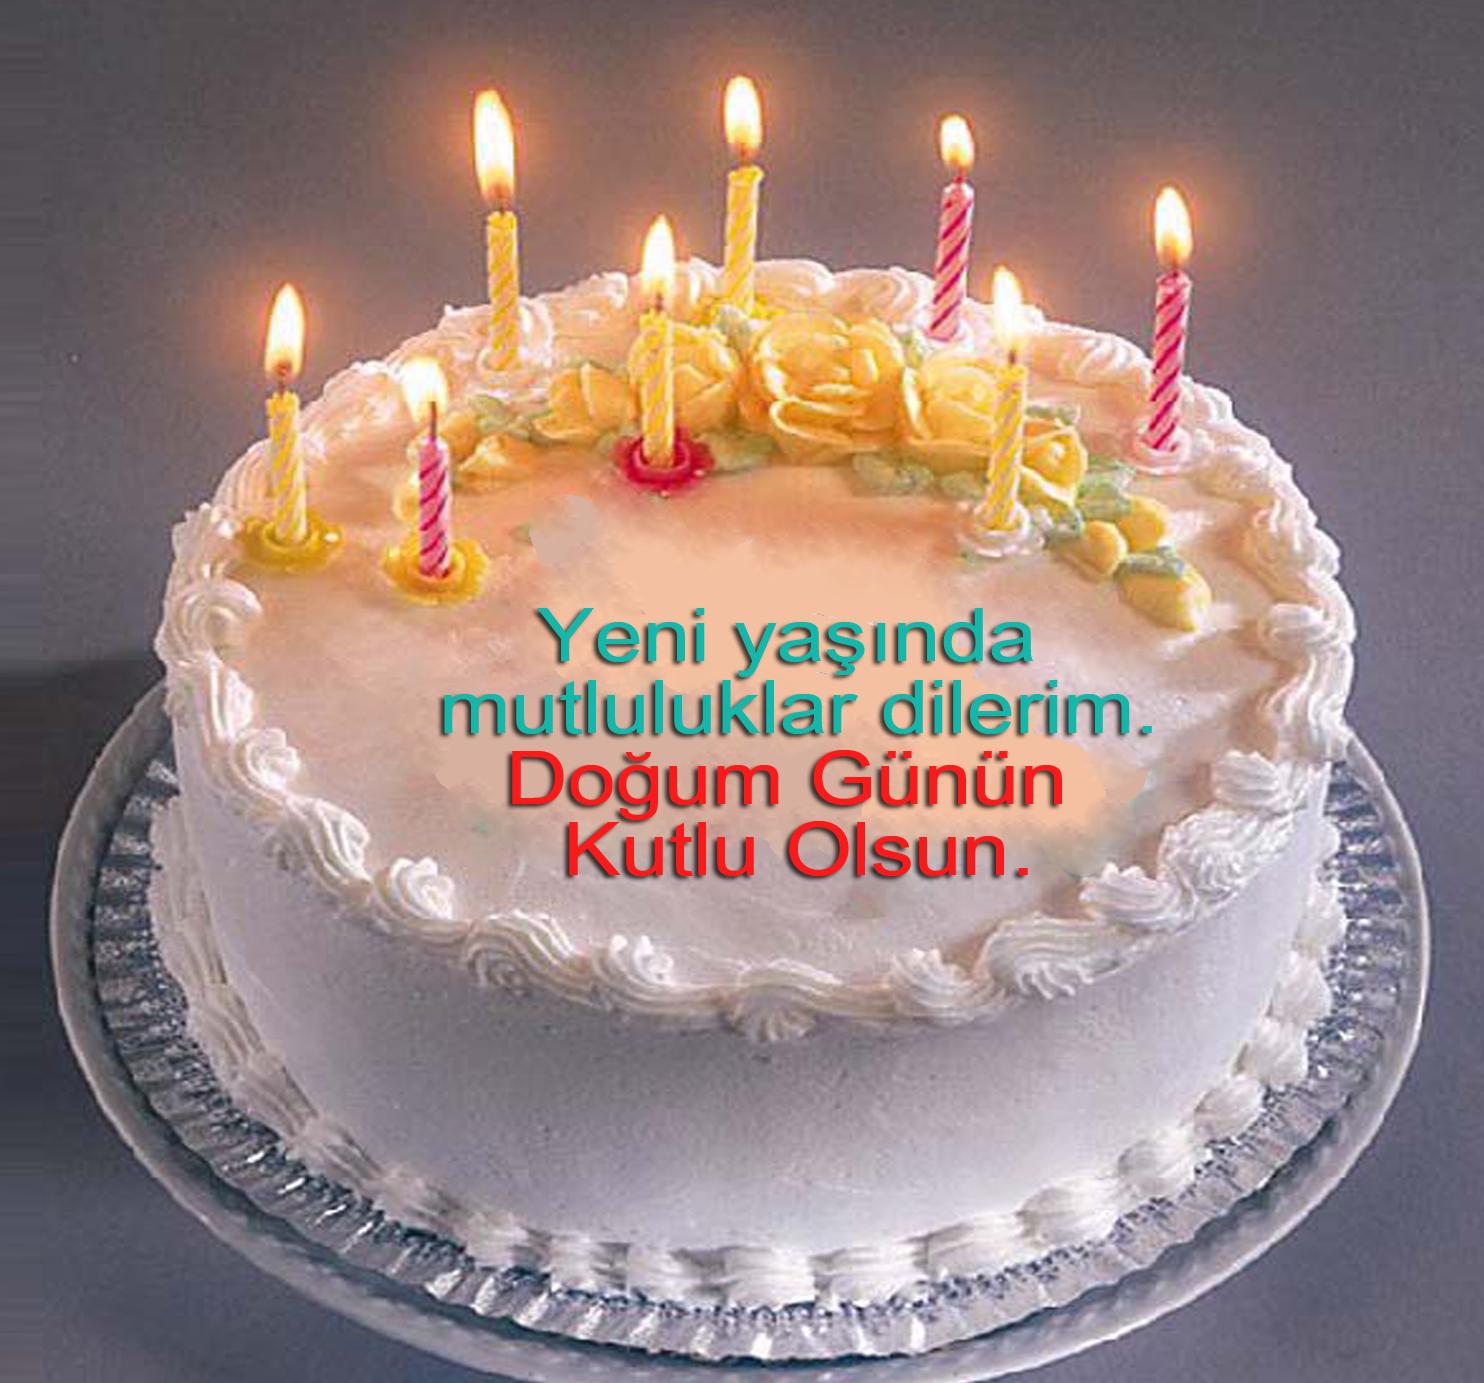 Открытки с днем рождения по турецкий